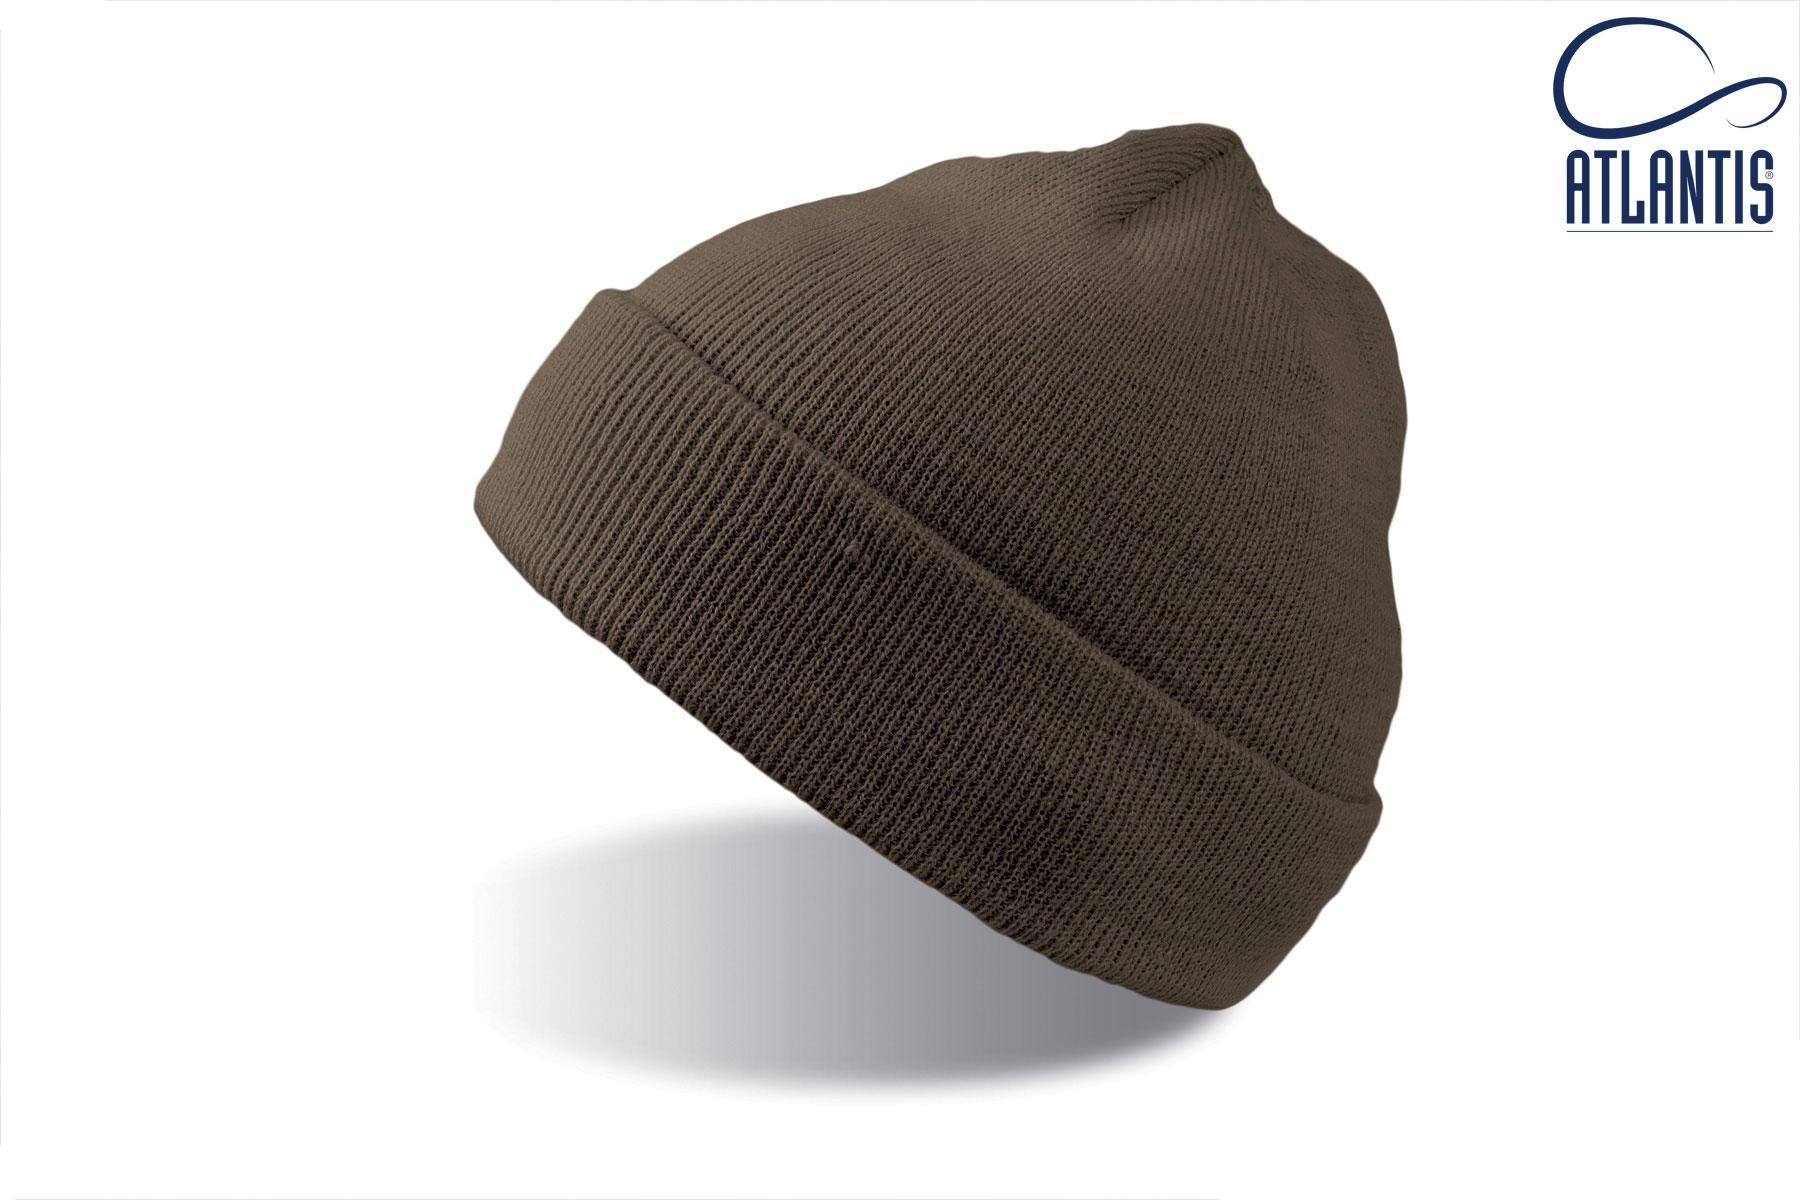 zimska kapa wind svetlo rjava